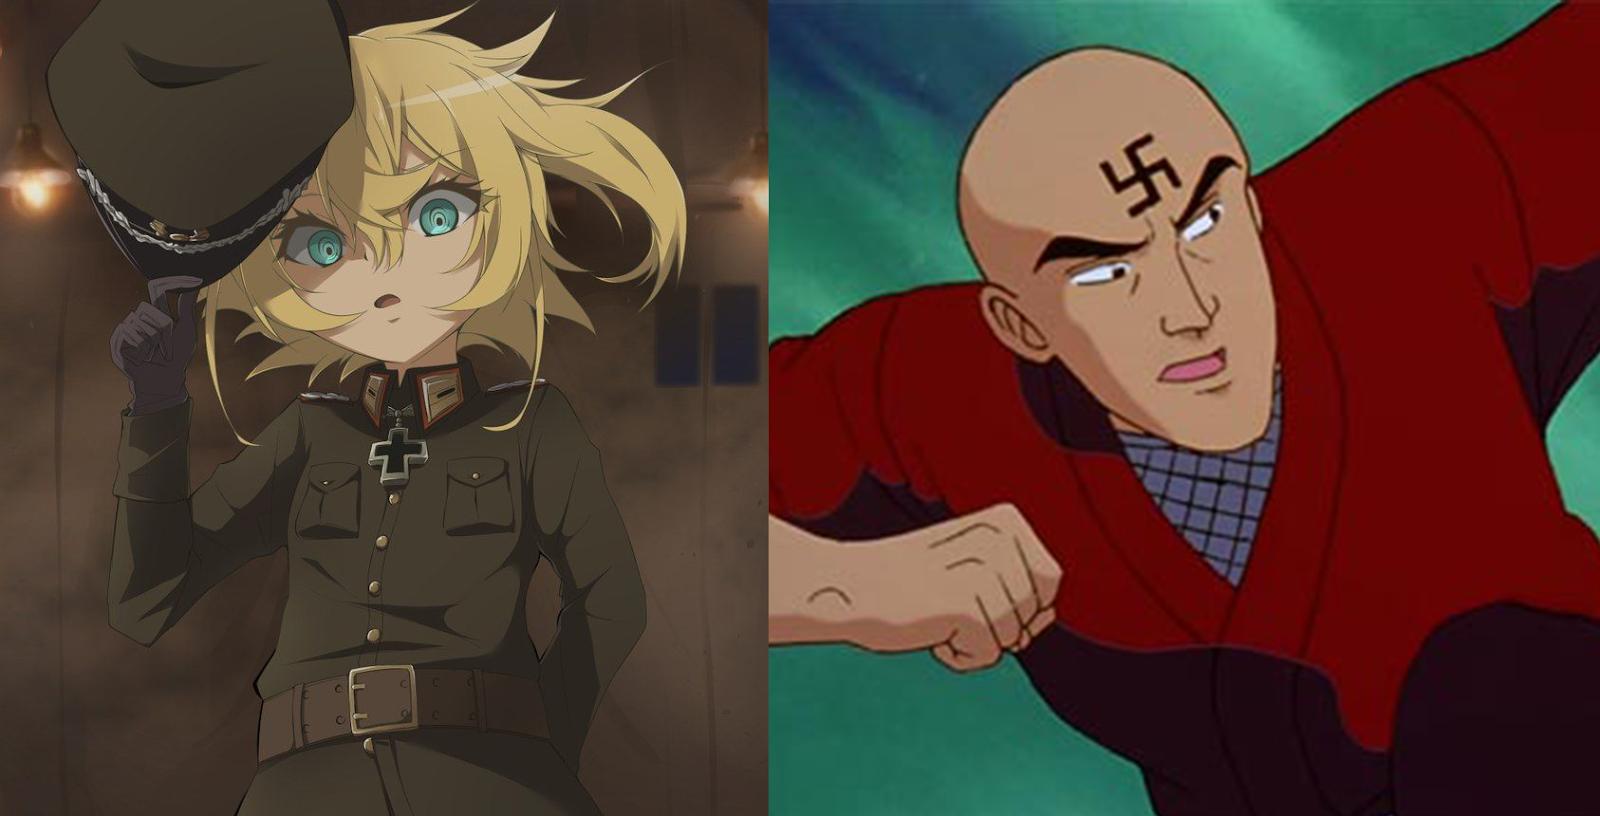 Personagens de Youjo Senki e Yu Yu Hakusho.